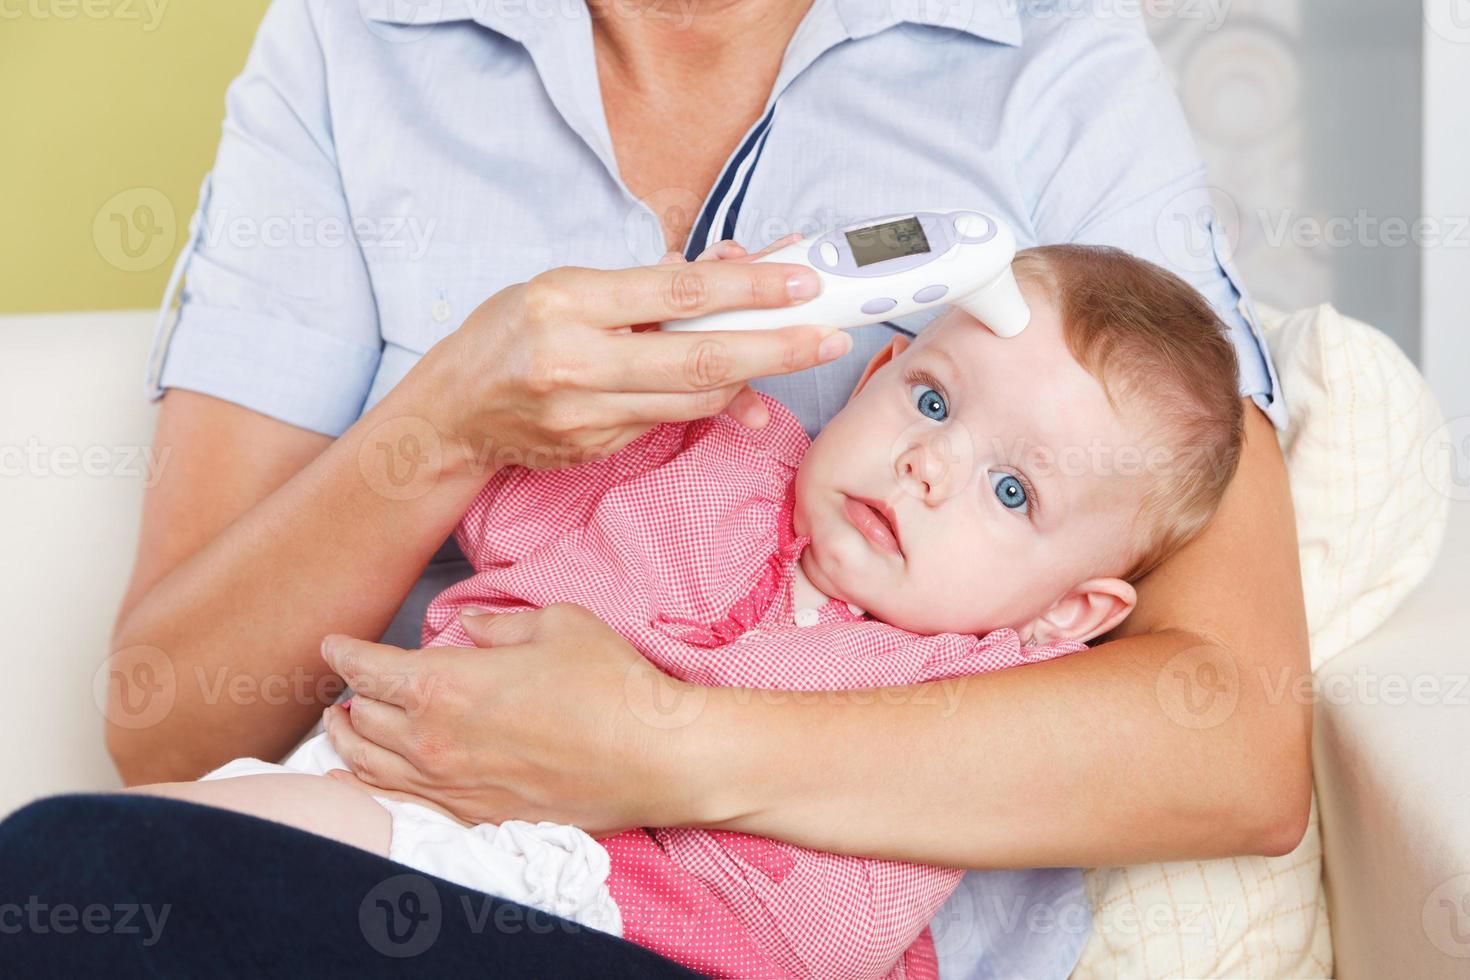 bebé y termómetro digital foto